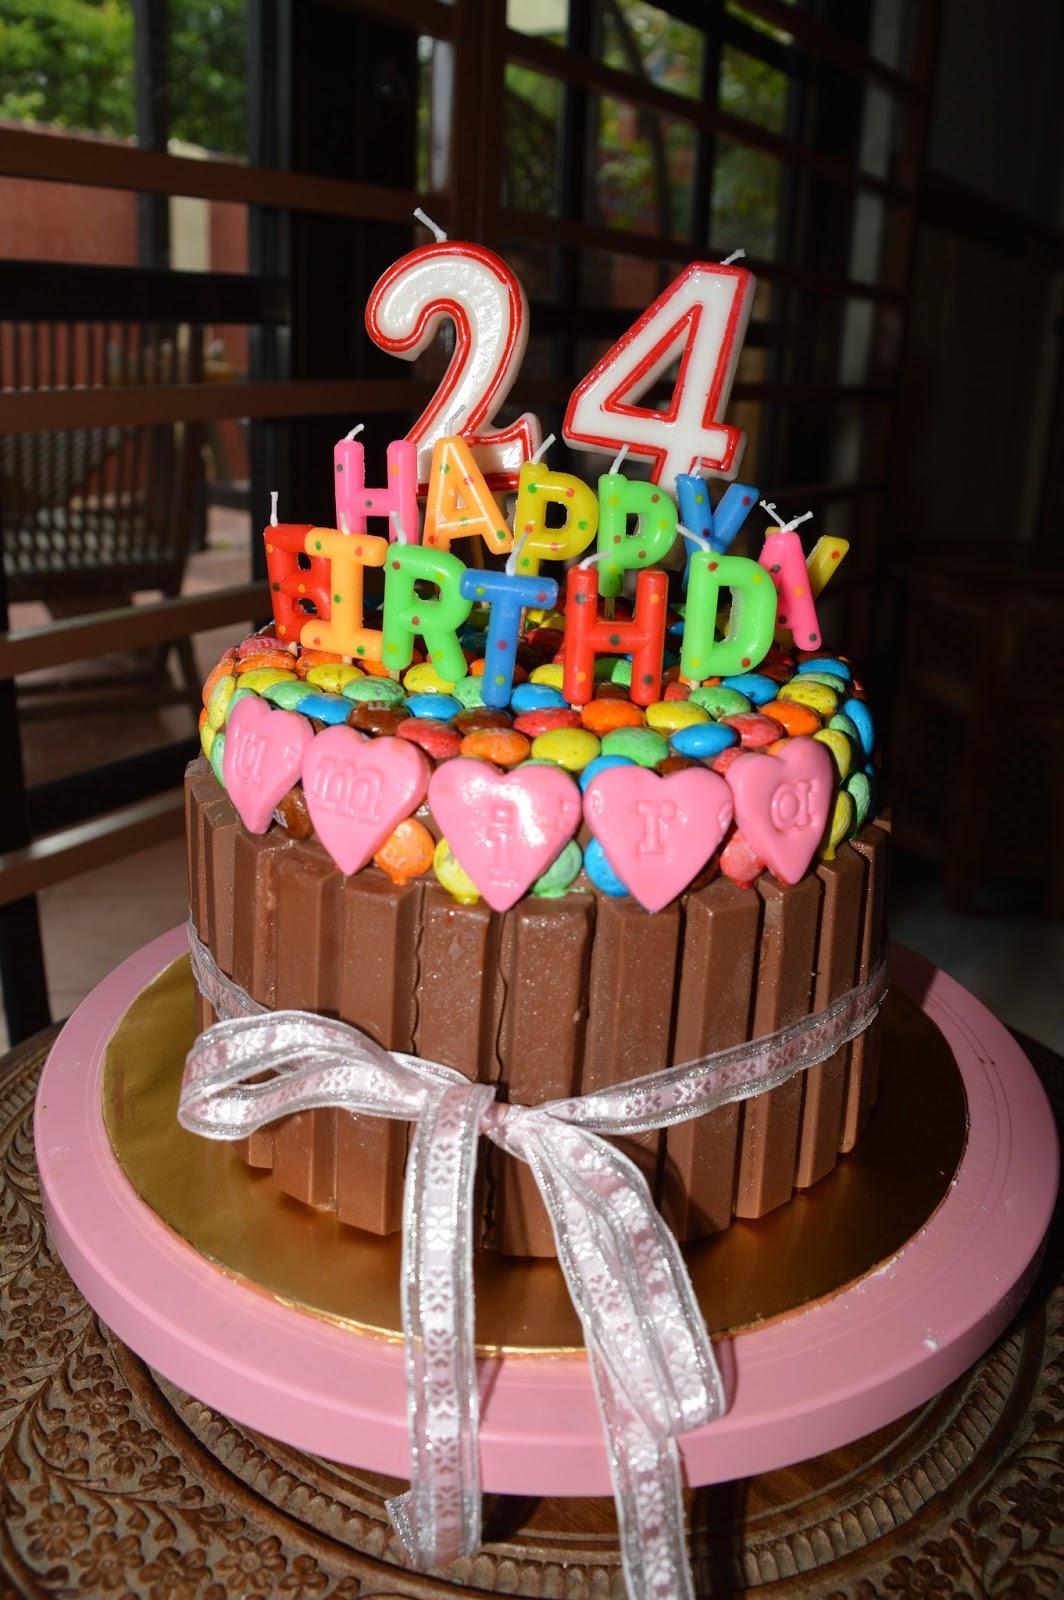 Поздравление мужу на день рождения 24 года